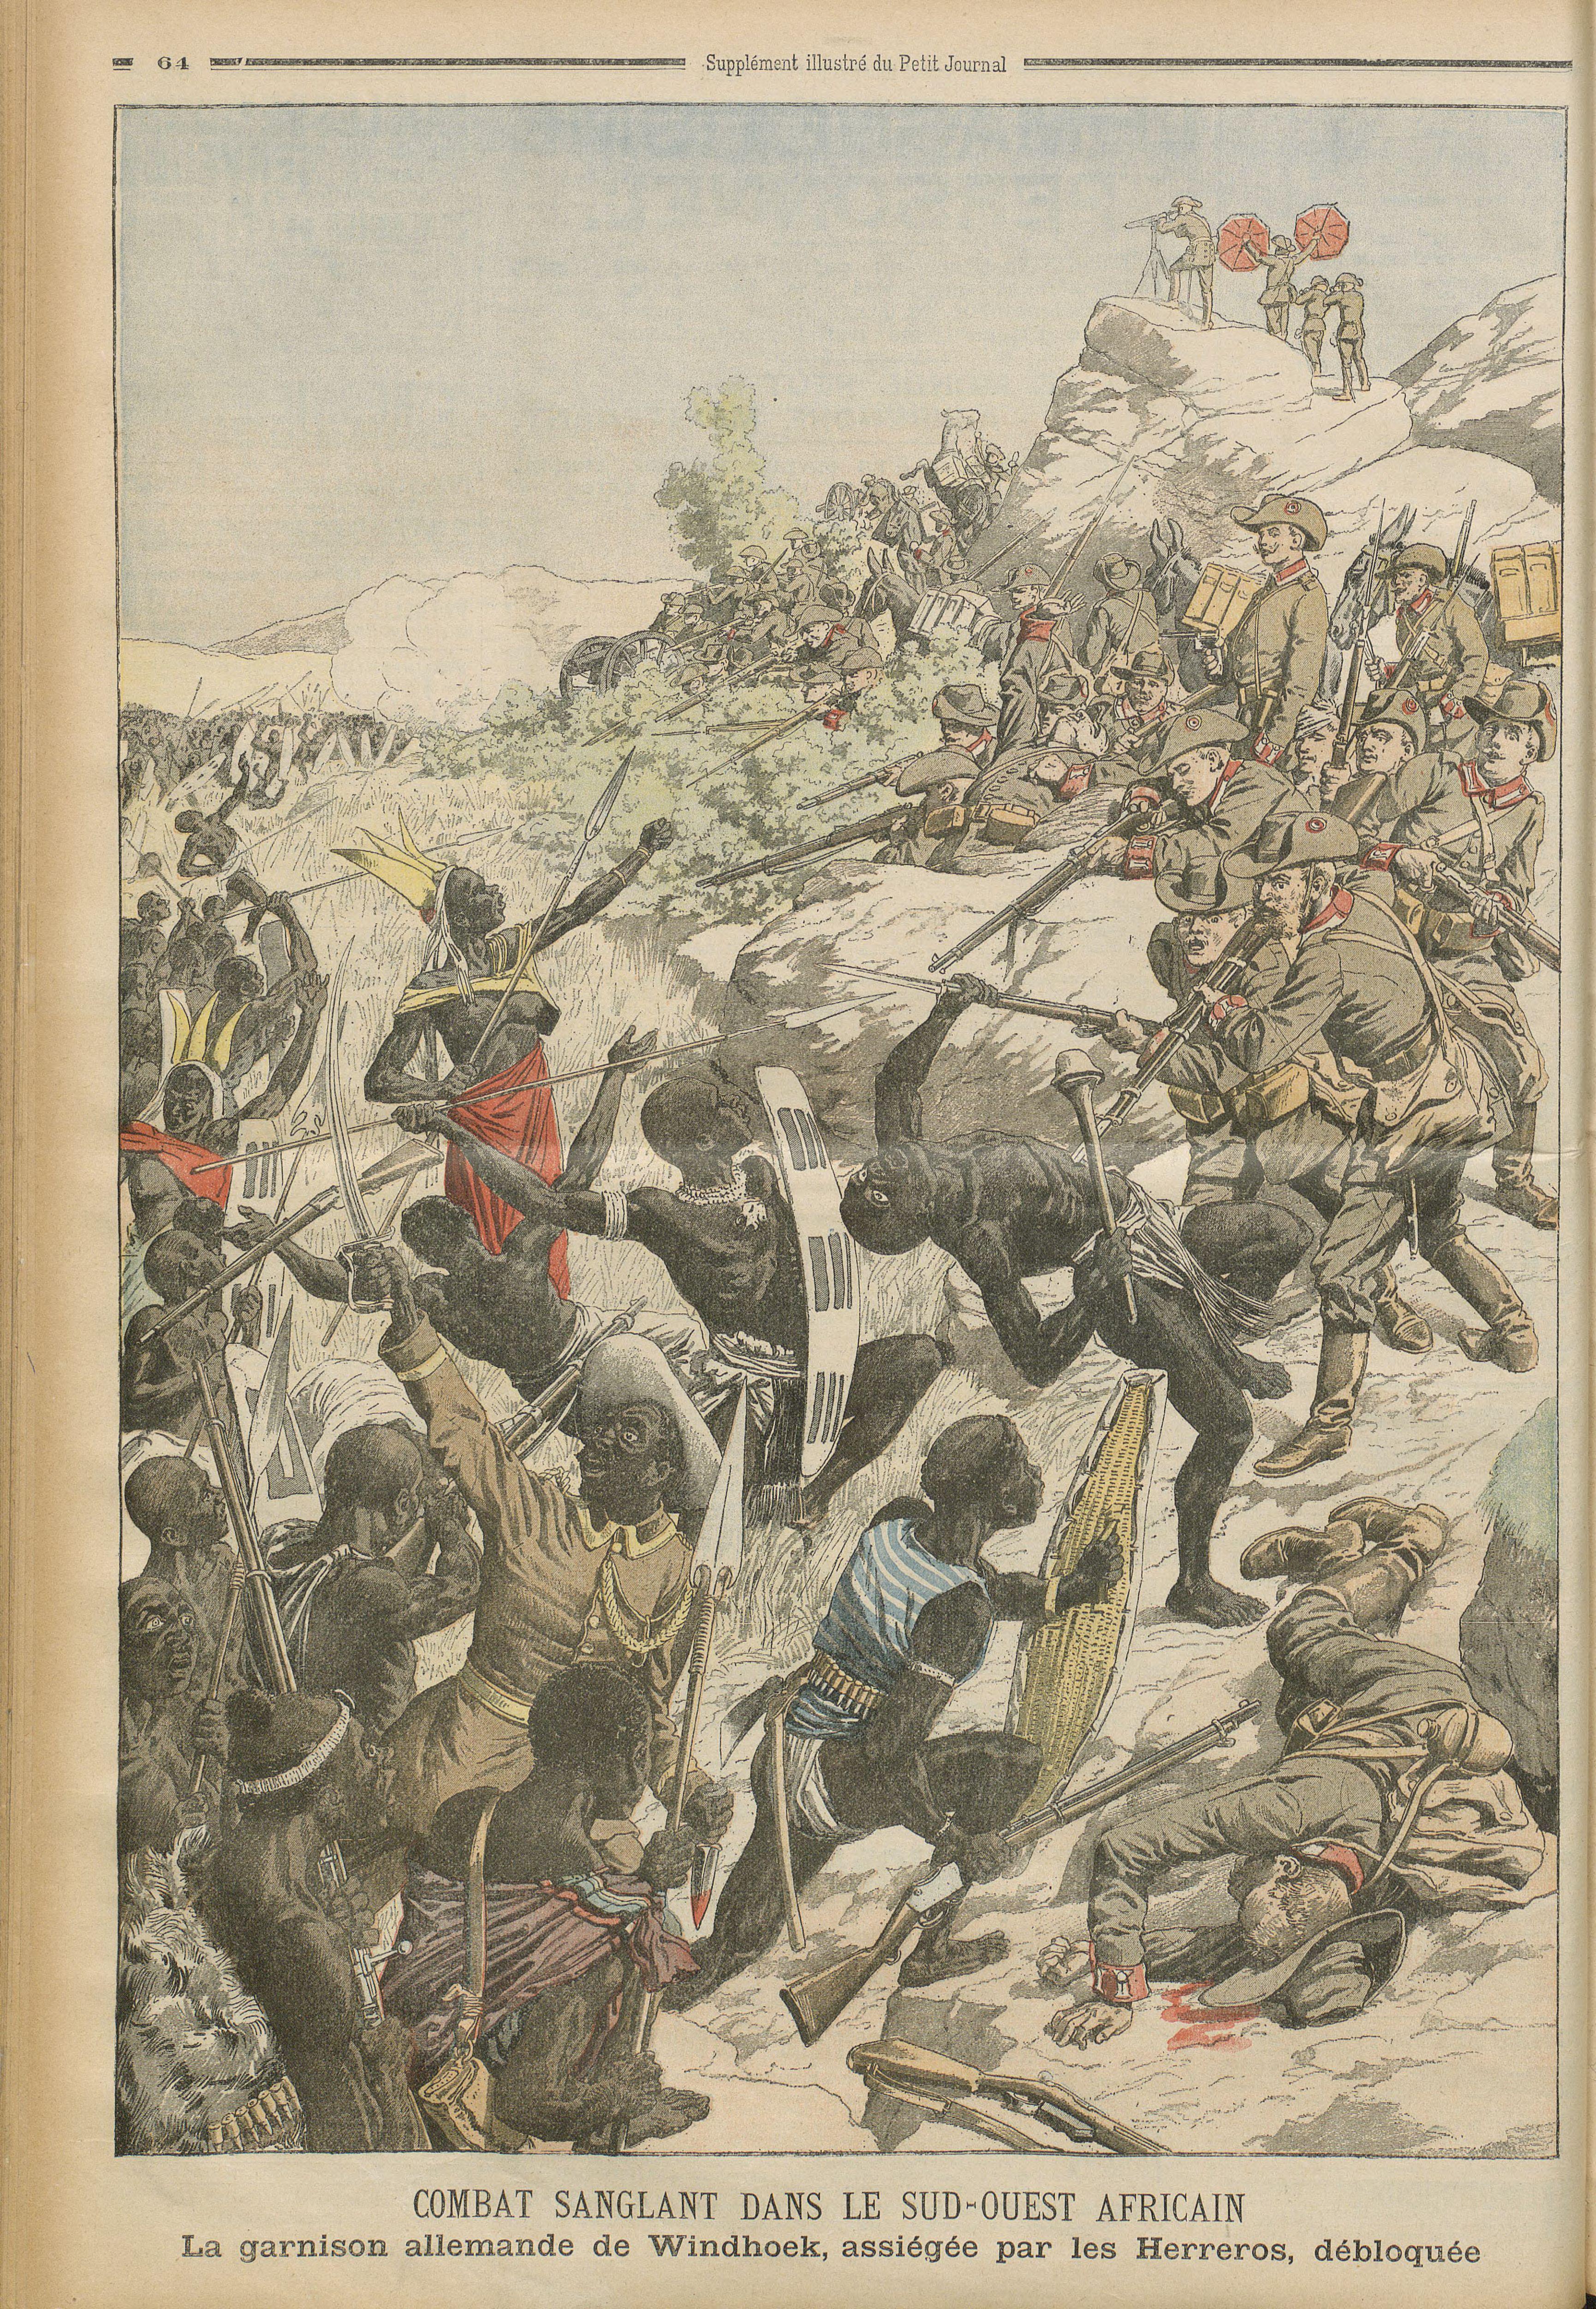 [Namibie] Un génocide des Hereros en 1904-1905 ?